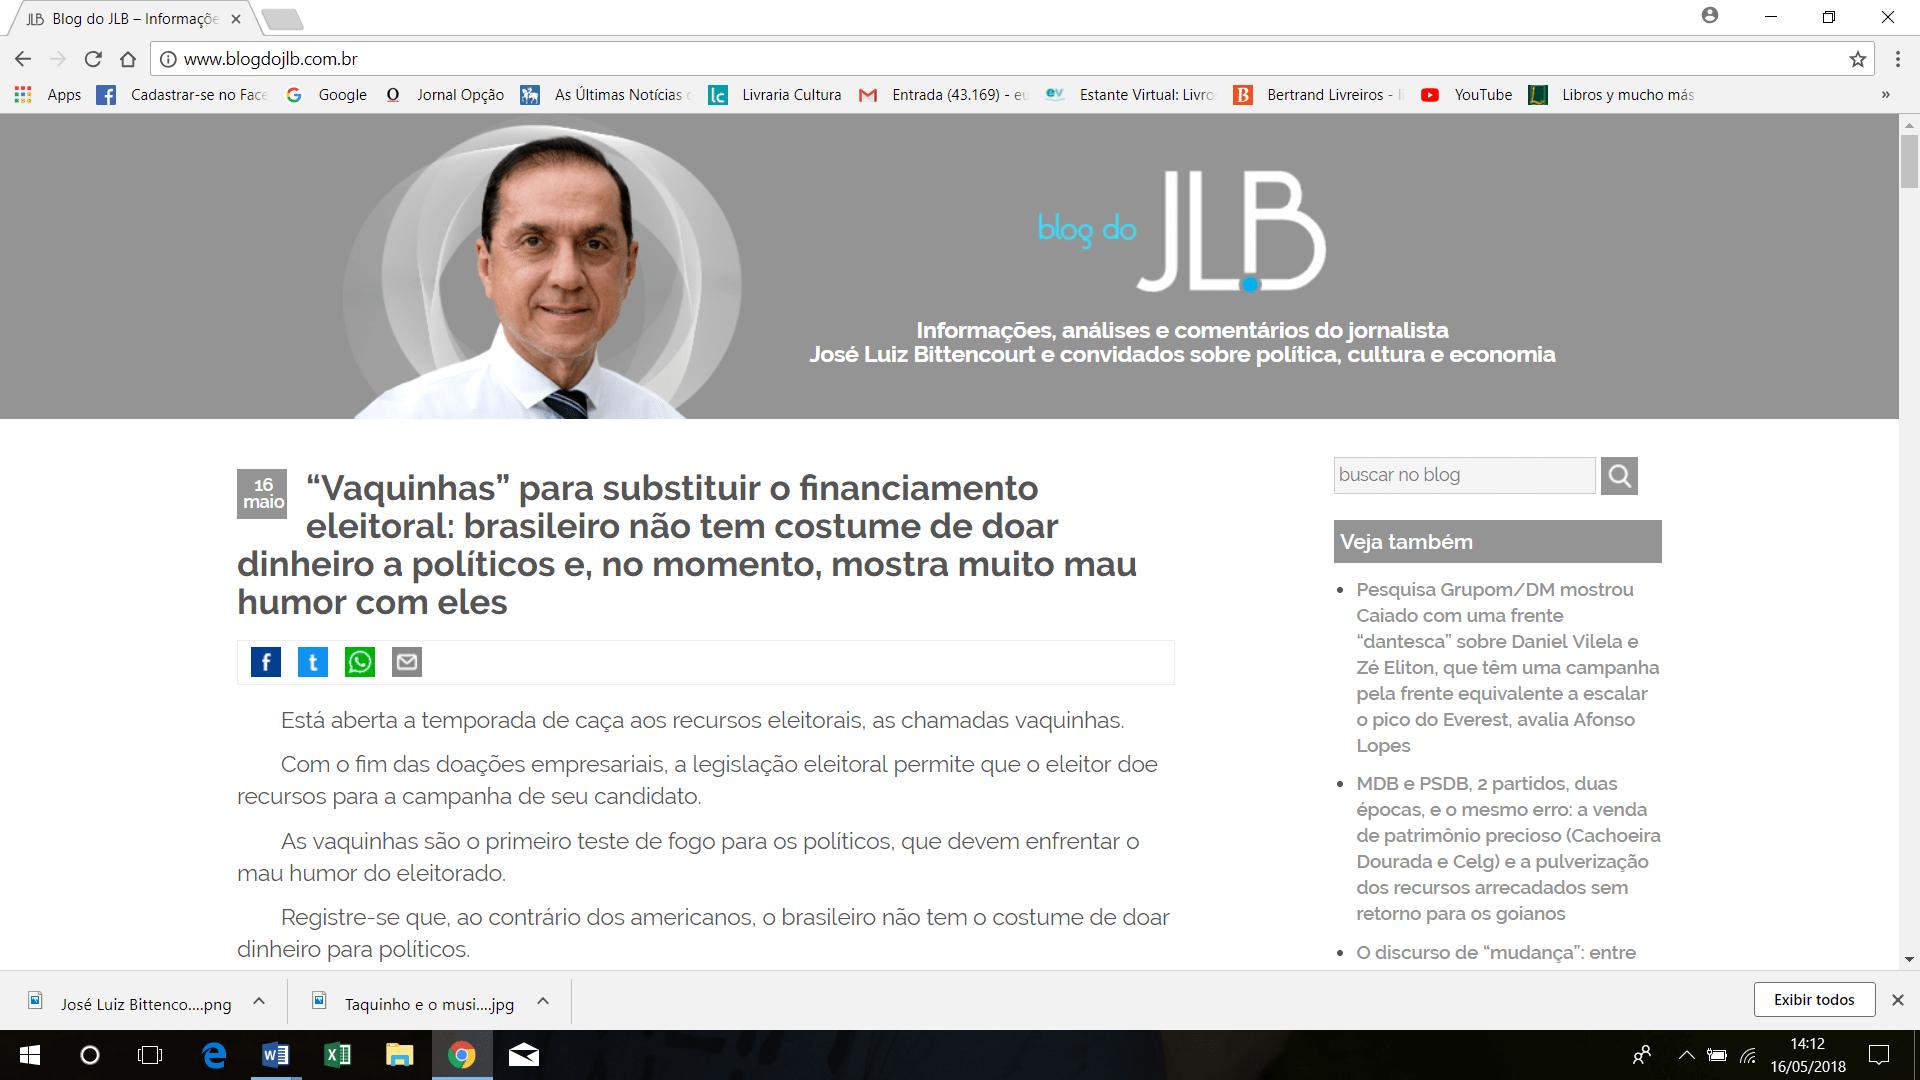 Blog de José Luiz Bittencourt deve fazer sucesso porque faz crítica sem concessão